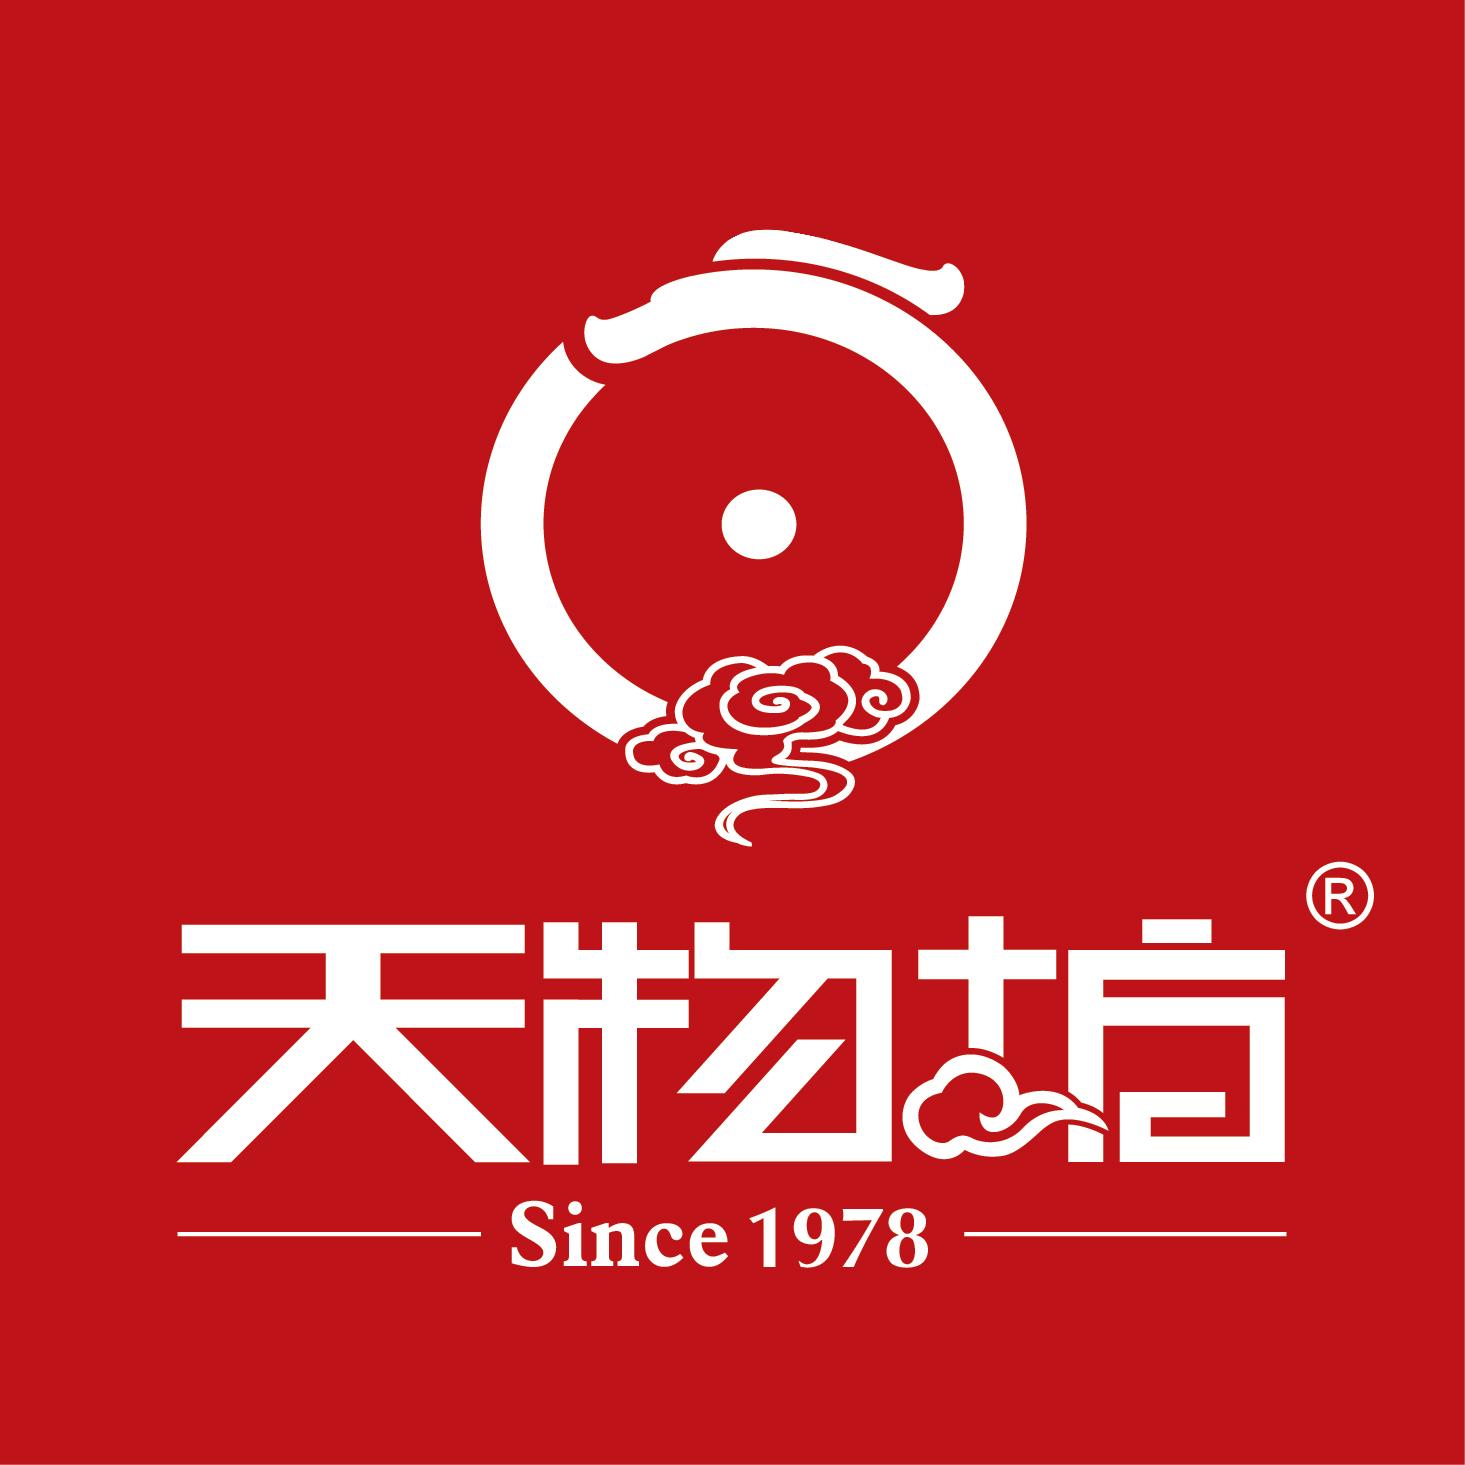 天物坊陶艺陶吧招商加盟